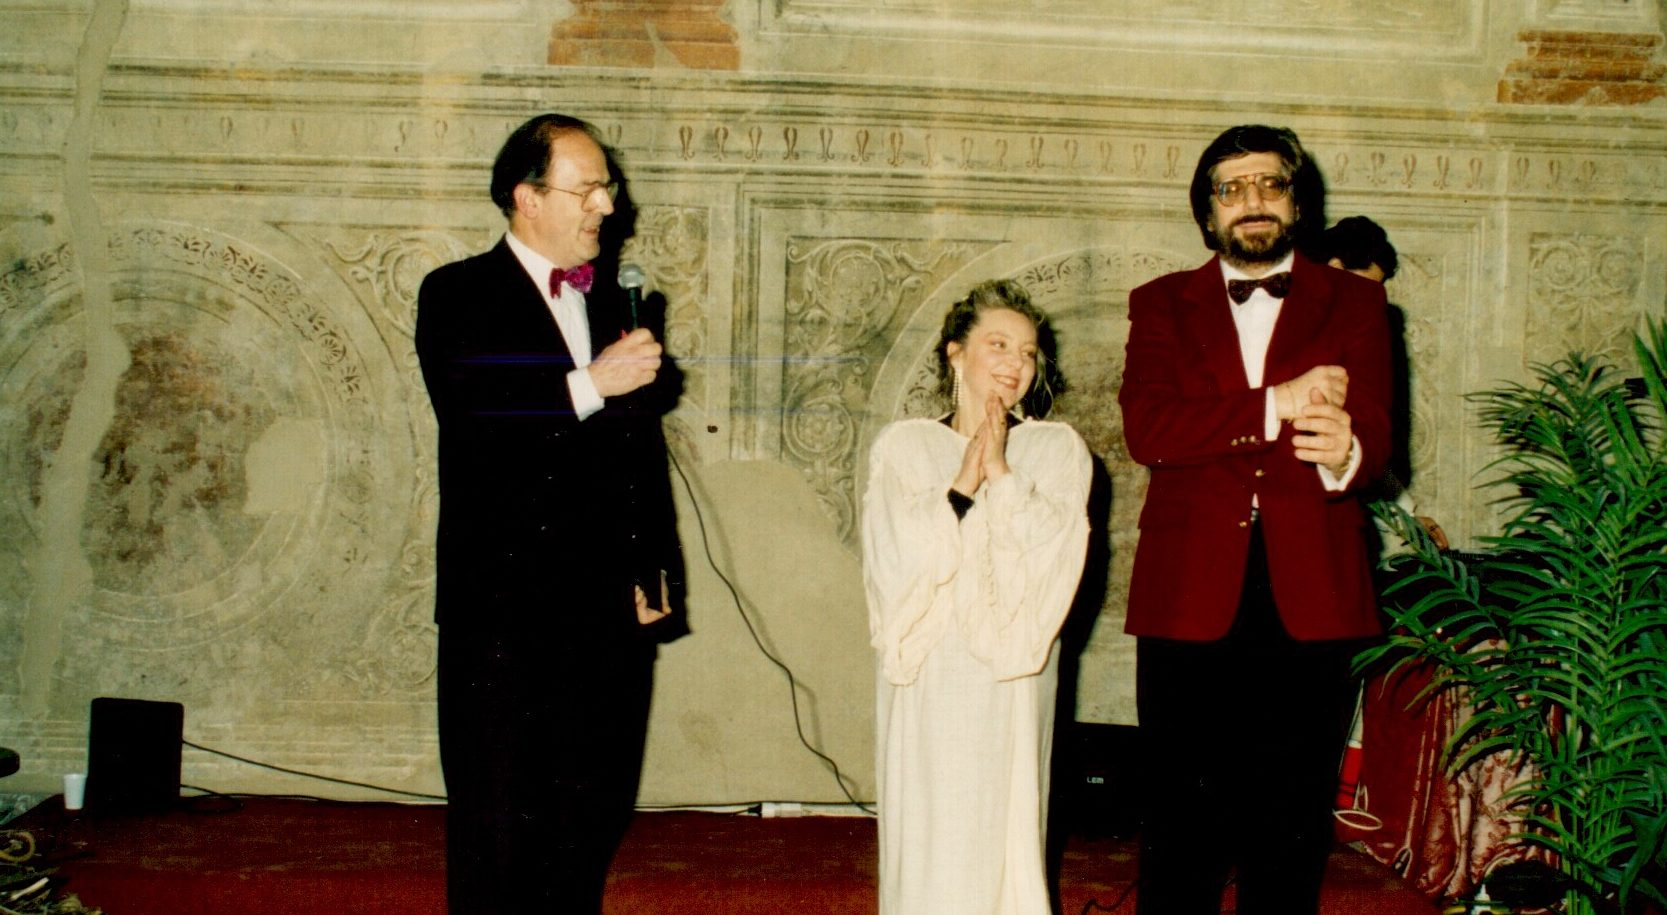 1991 Sala Riario - Briciole d'amore - Con l'attore e poeta Angelo Blasetti